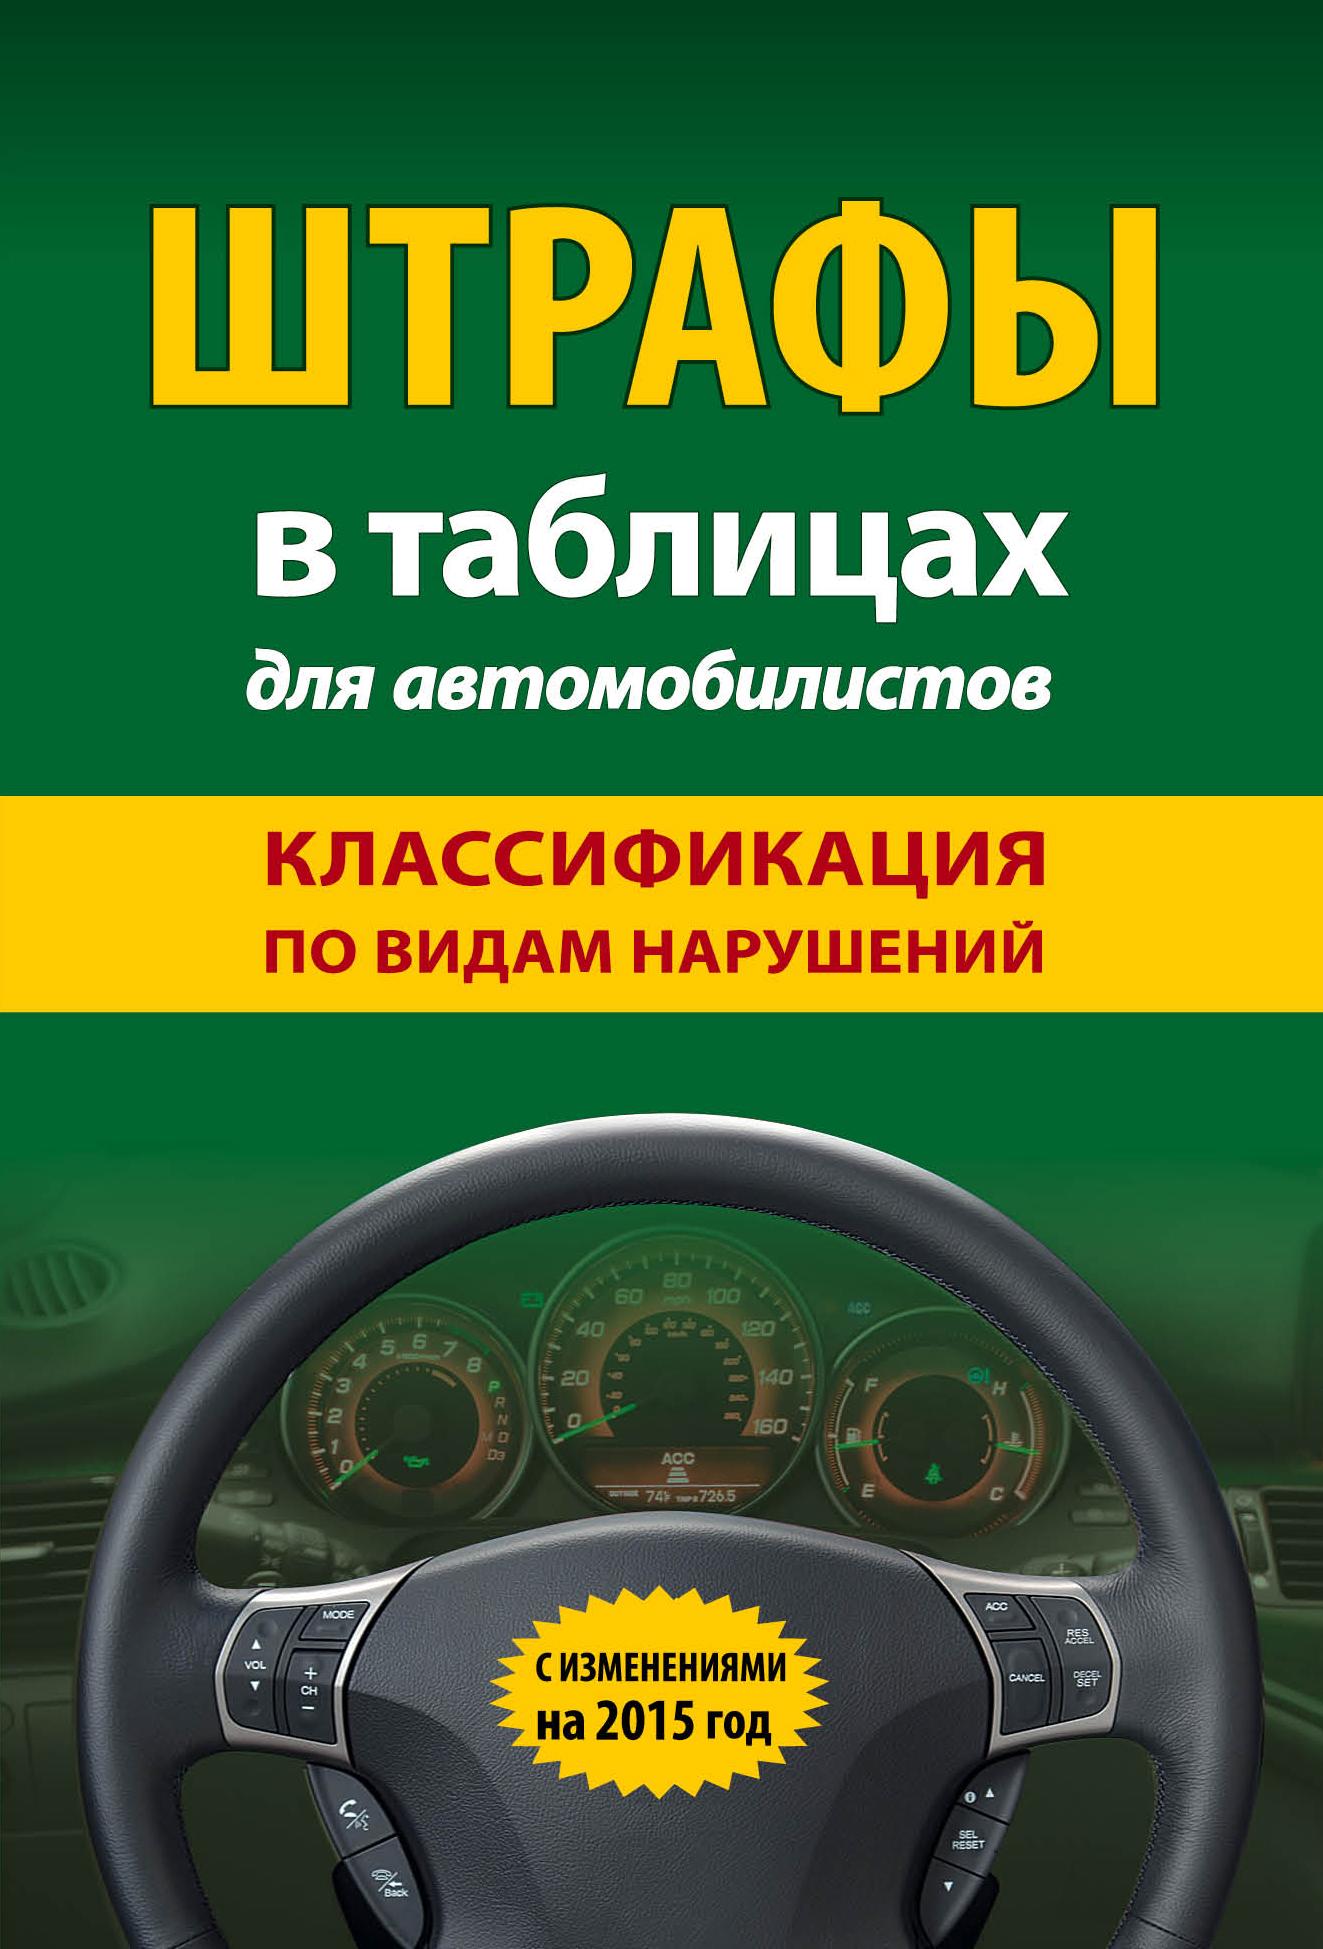 Штрафы в таблицах для автомобилистов с изменениями на 2015 год. Классификация по видам нарушений